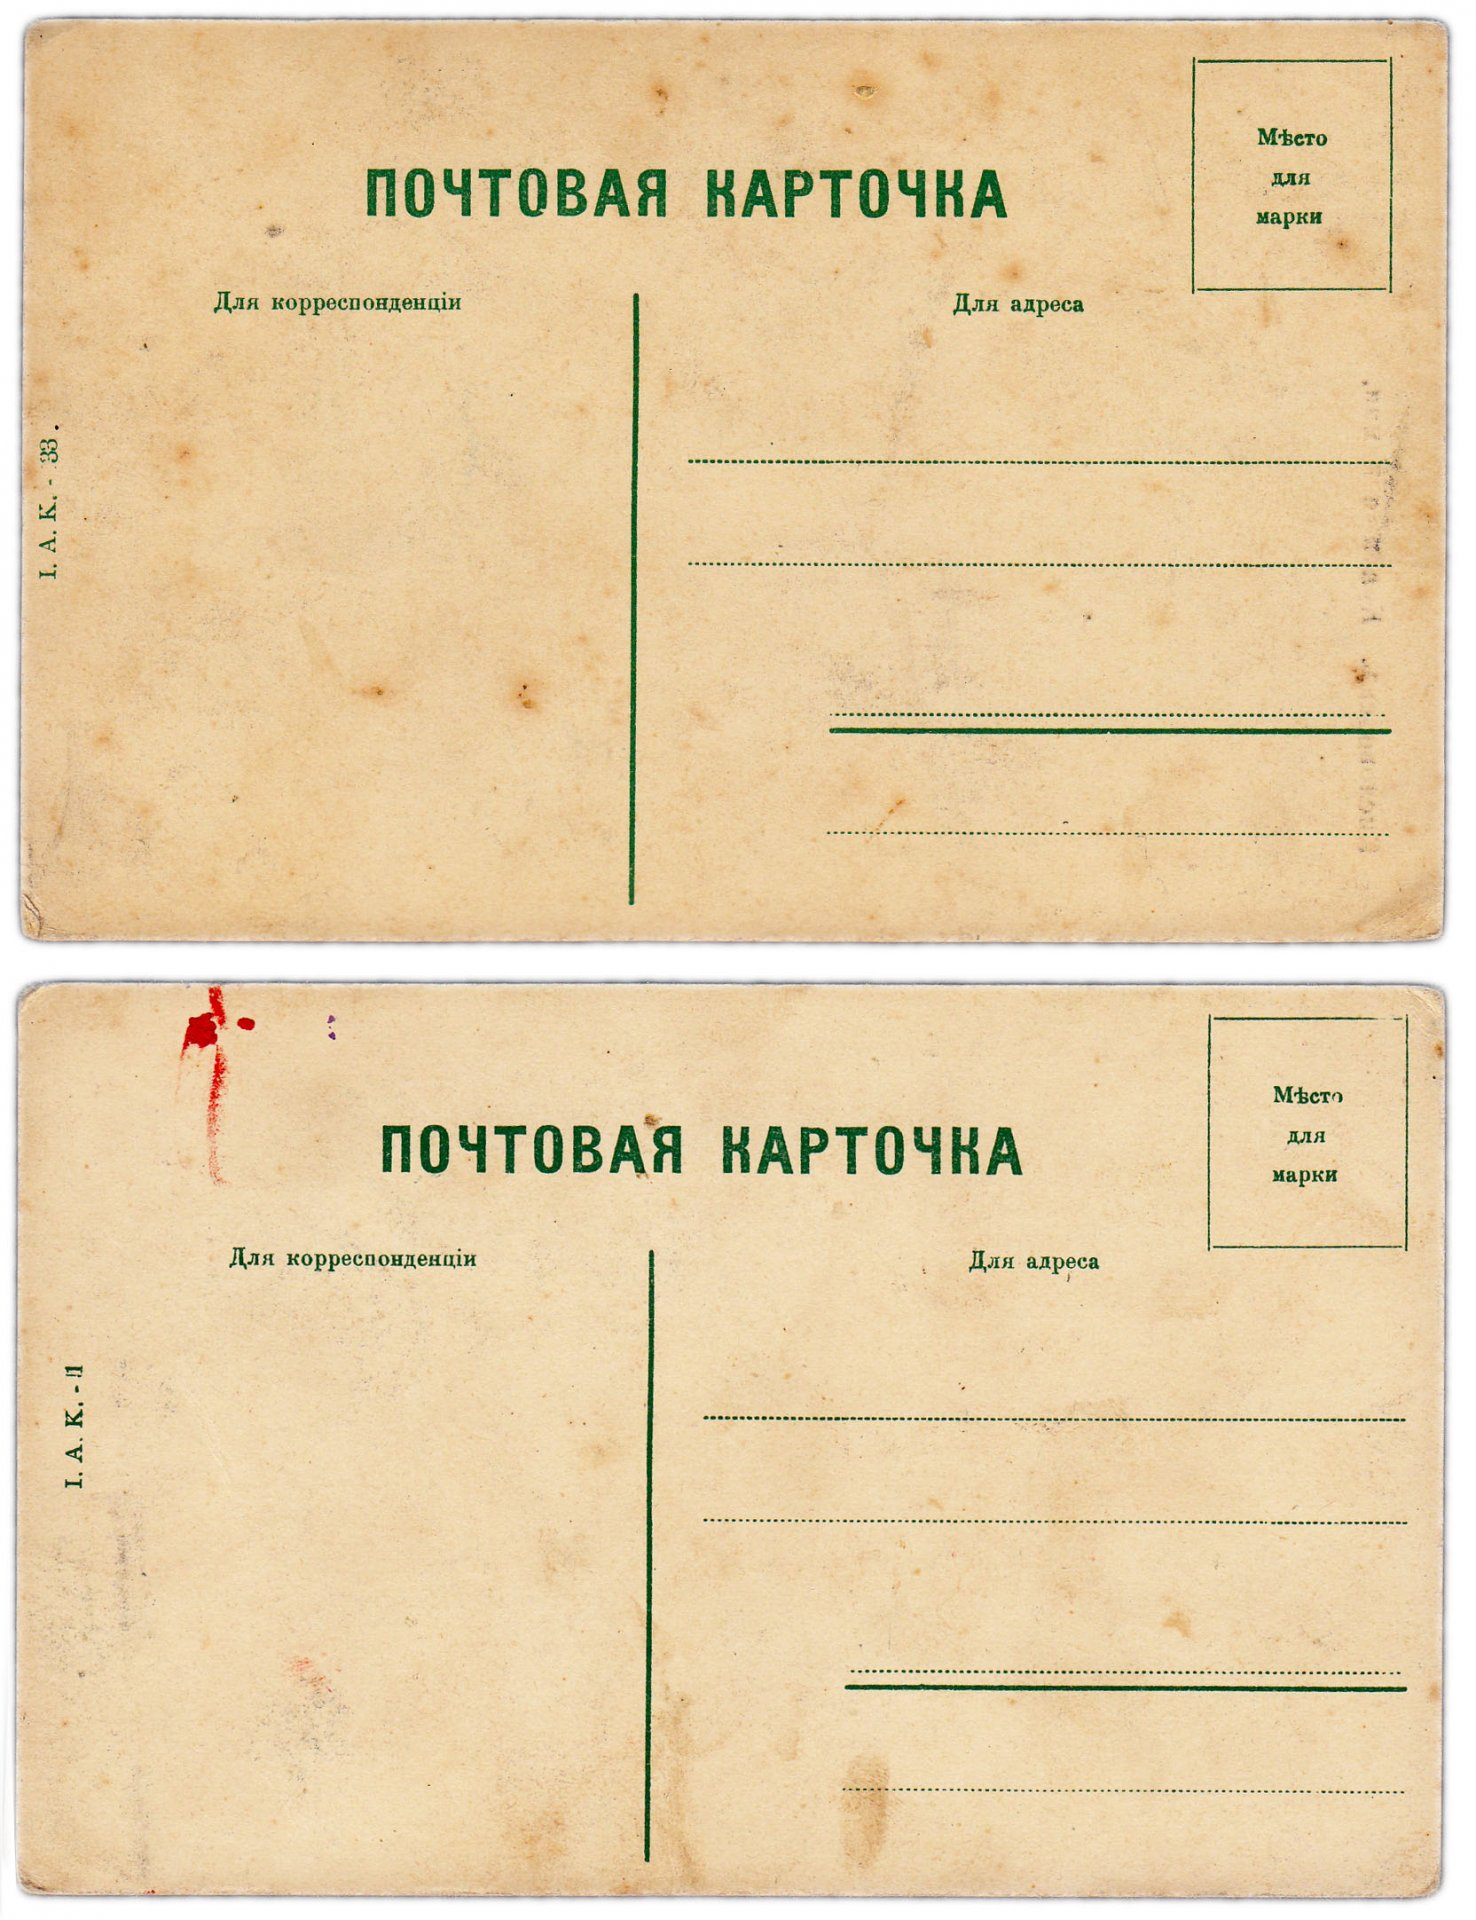 Реальные почтовые открытки, открытке